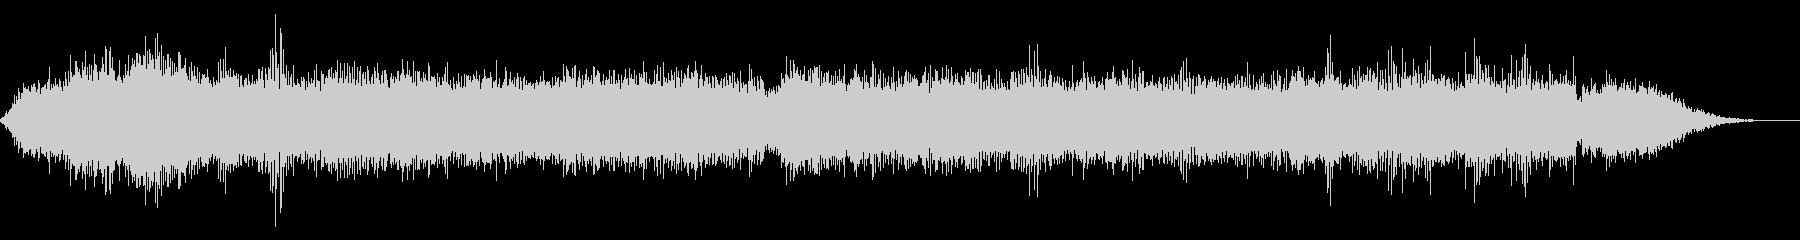 電動ジグソー:高音域での安定したモ...の未再生の波形